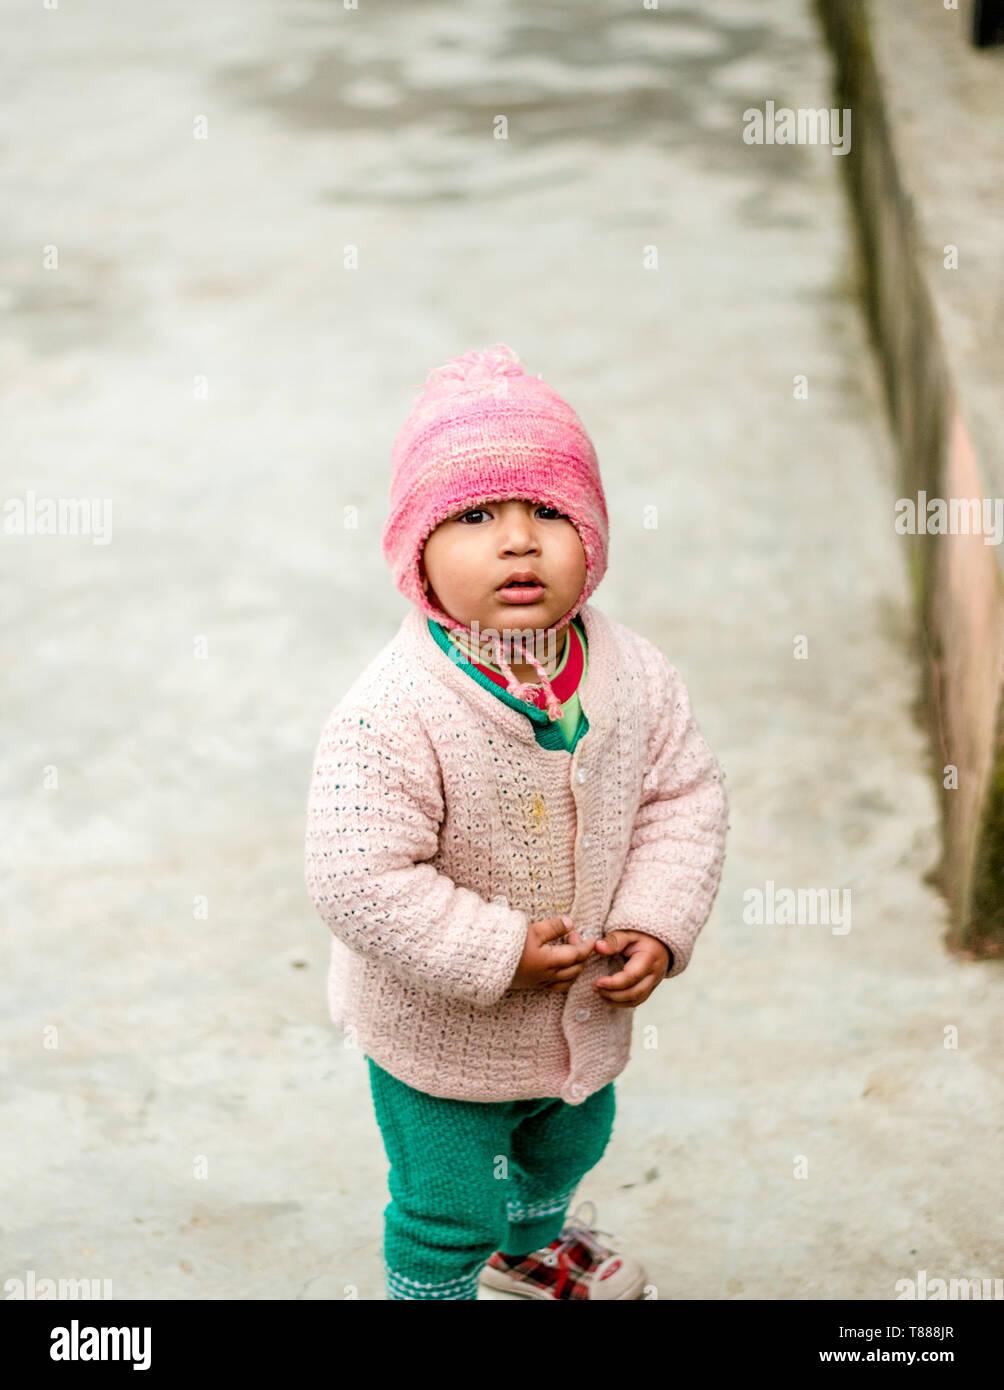 Kullu, Himachal Pradesh, India - February 05, 2019 : Photo of A Himalayan Boy in Himalayas - India - Stock Image